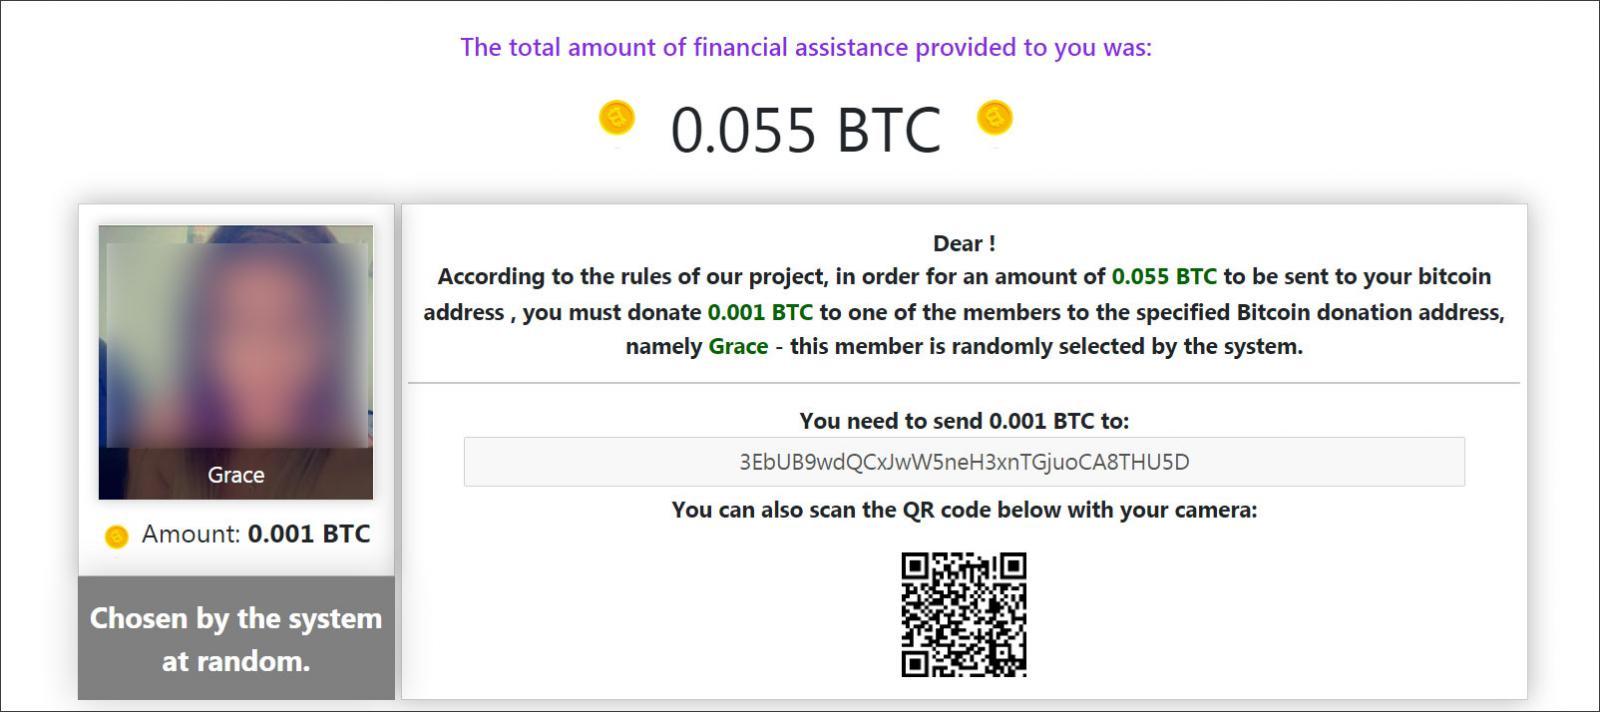 Sitio de estafa que pide a las víctimas que envíen 0.001 bitcoins